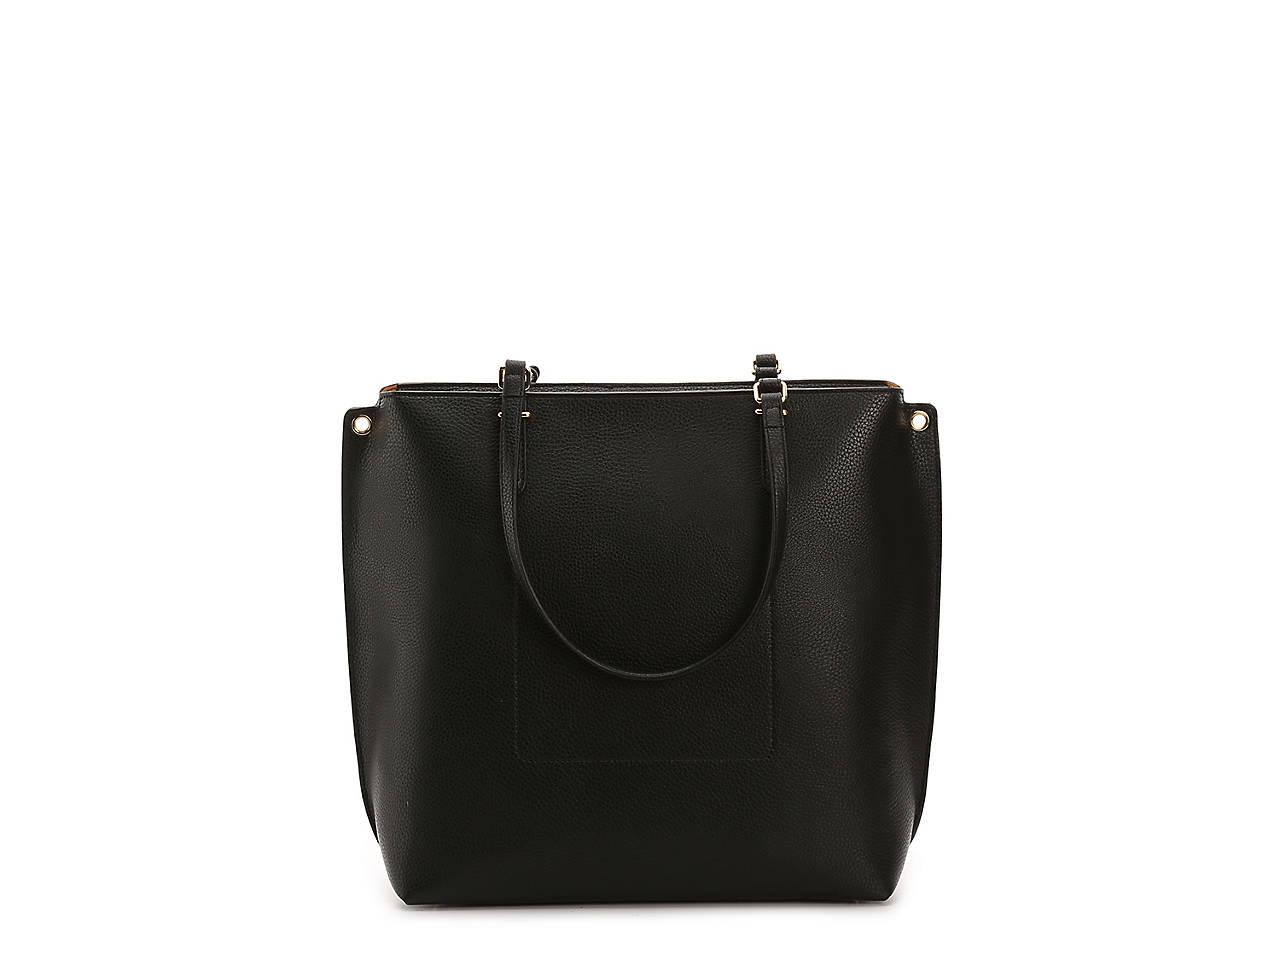 29eb8e763c93 Lauren Ralph Lauren Anfield II Tote Women s Handbags   Accessories